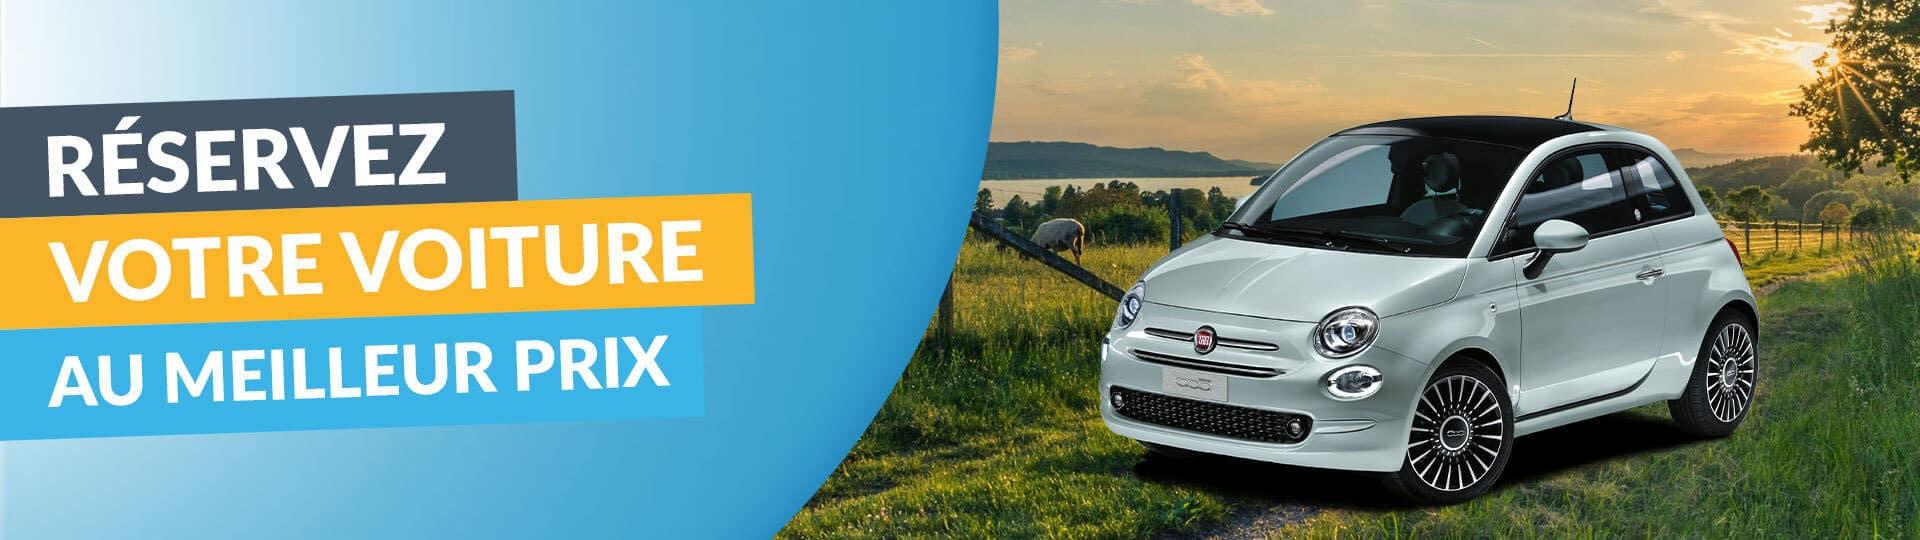 Réservez votre véhicule électrique